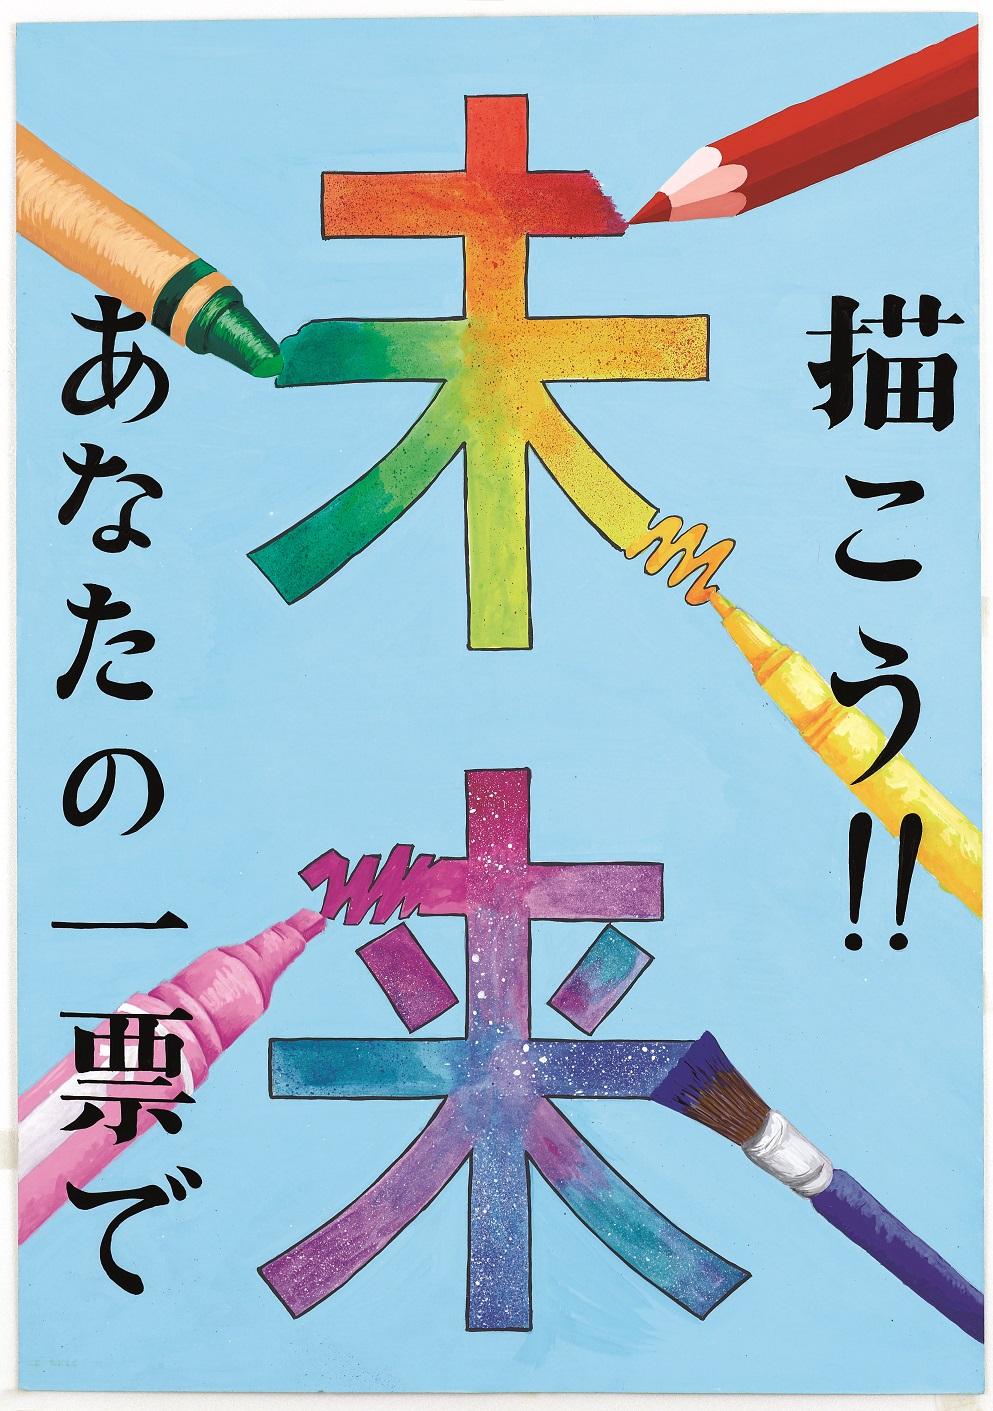 ポスター 中学生 選挙 明るい 大阪府/令和2年度明るい選挙啓発ポスターコンクール実施結果